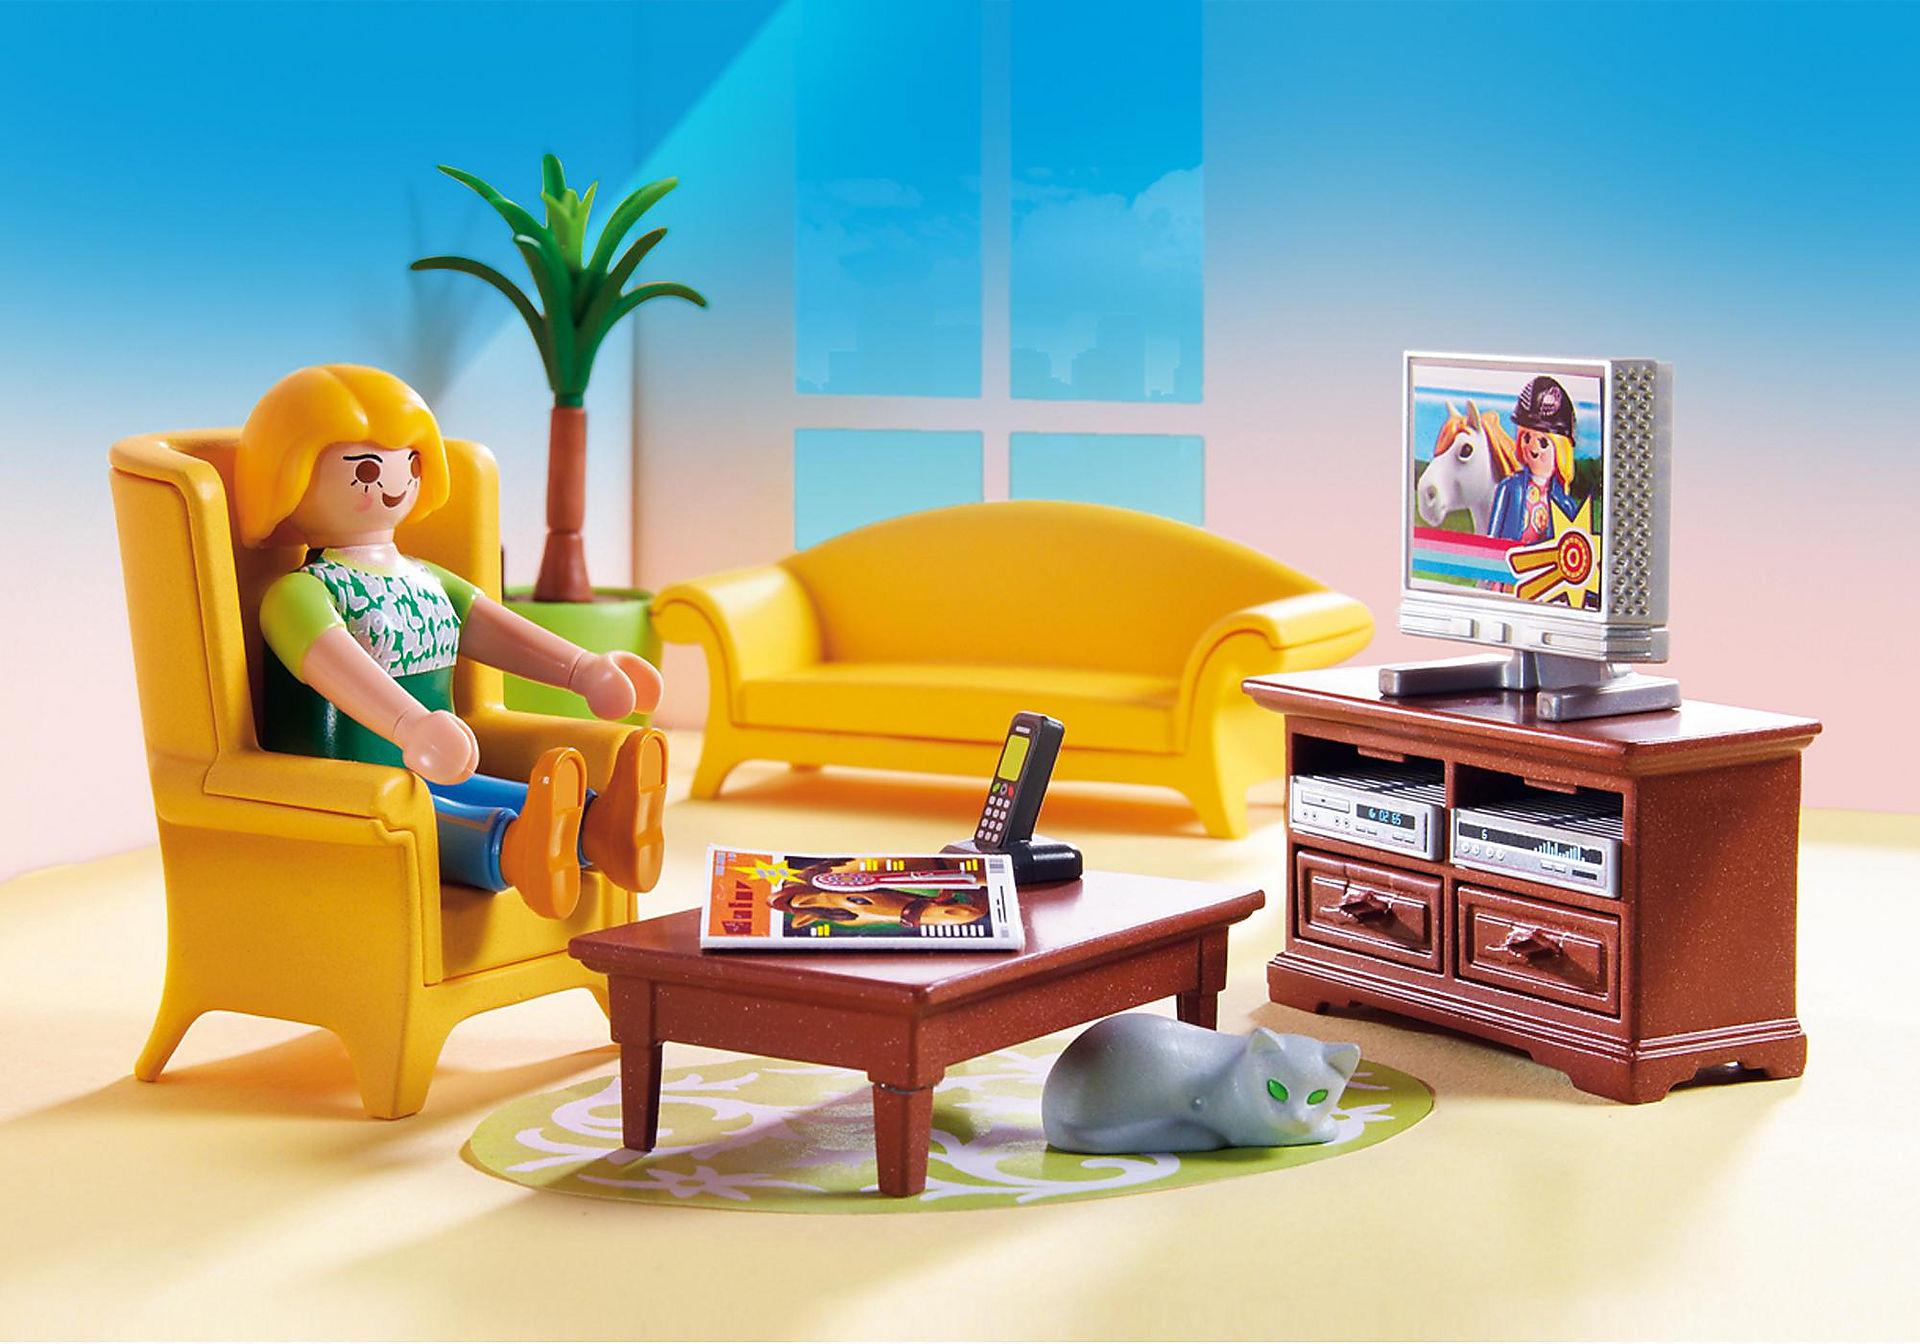 http://media.playmobil.com/i/playmobil/5308_product_extra2/Salon avec poêle à bois